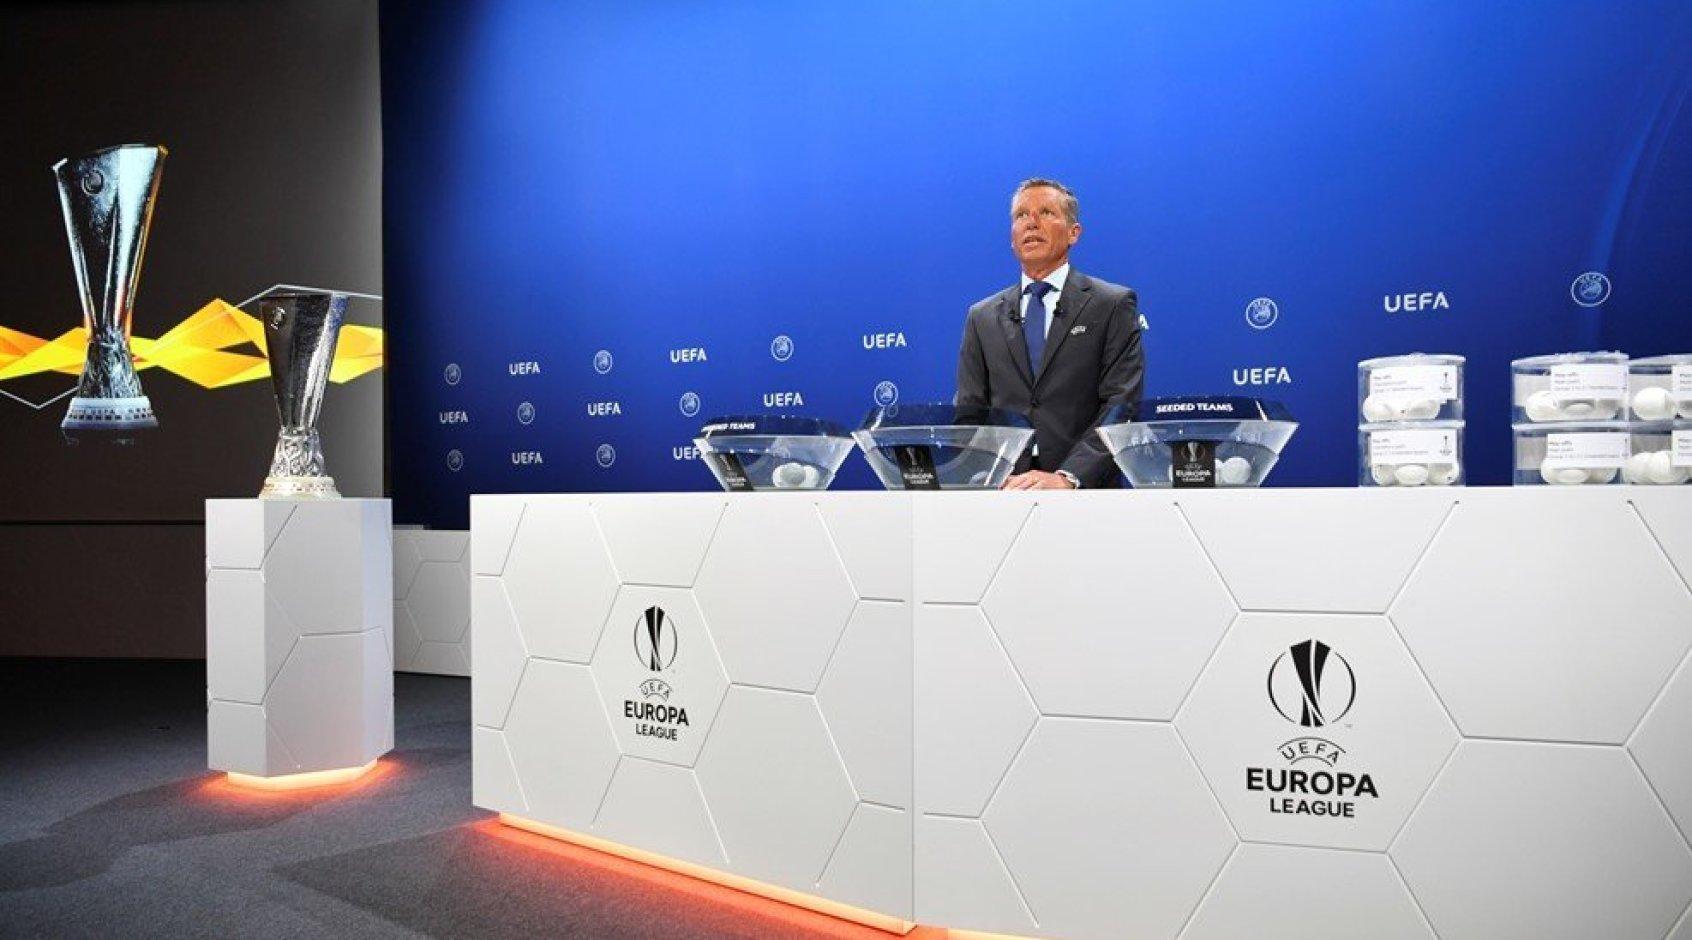 В плей-офф Лиги Европы после 4-го тура пробились уже пять клубов